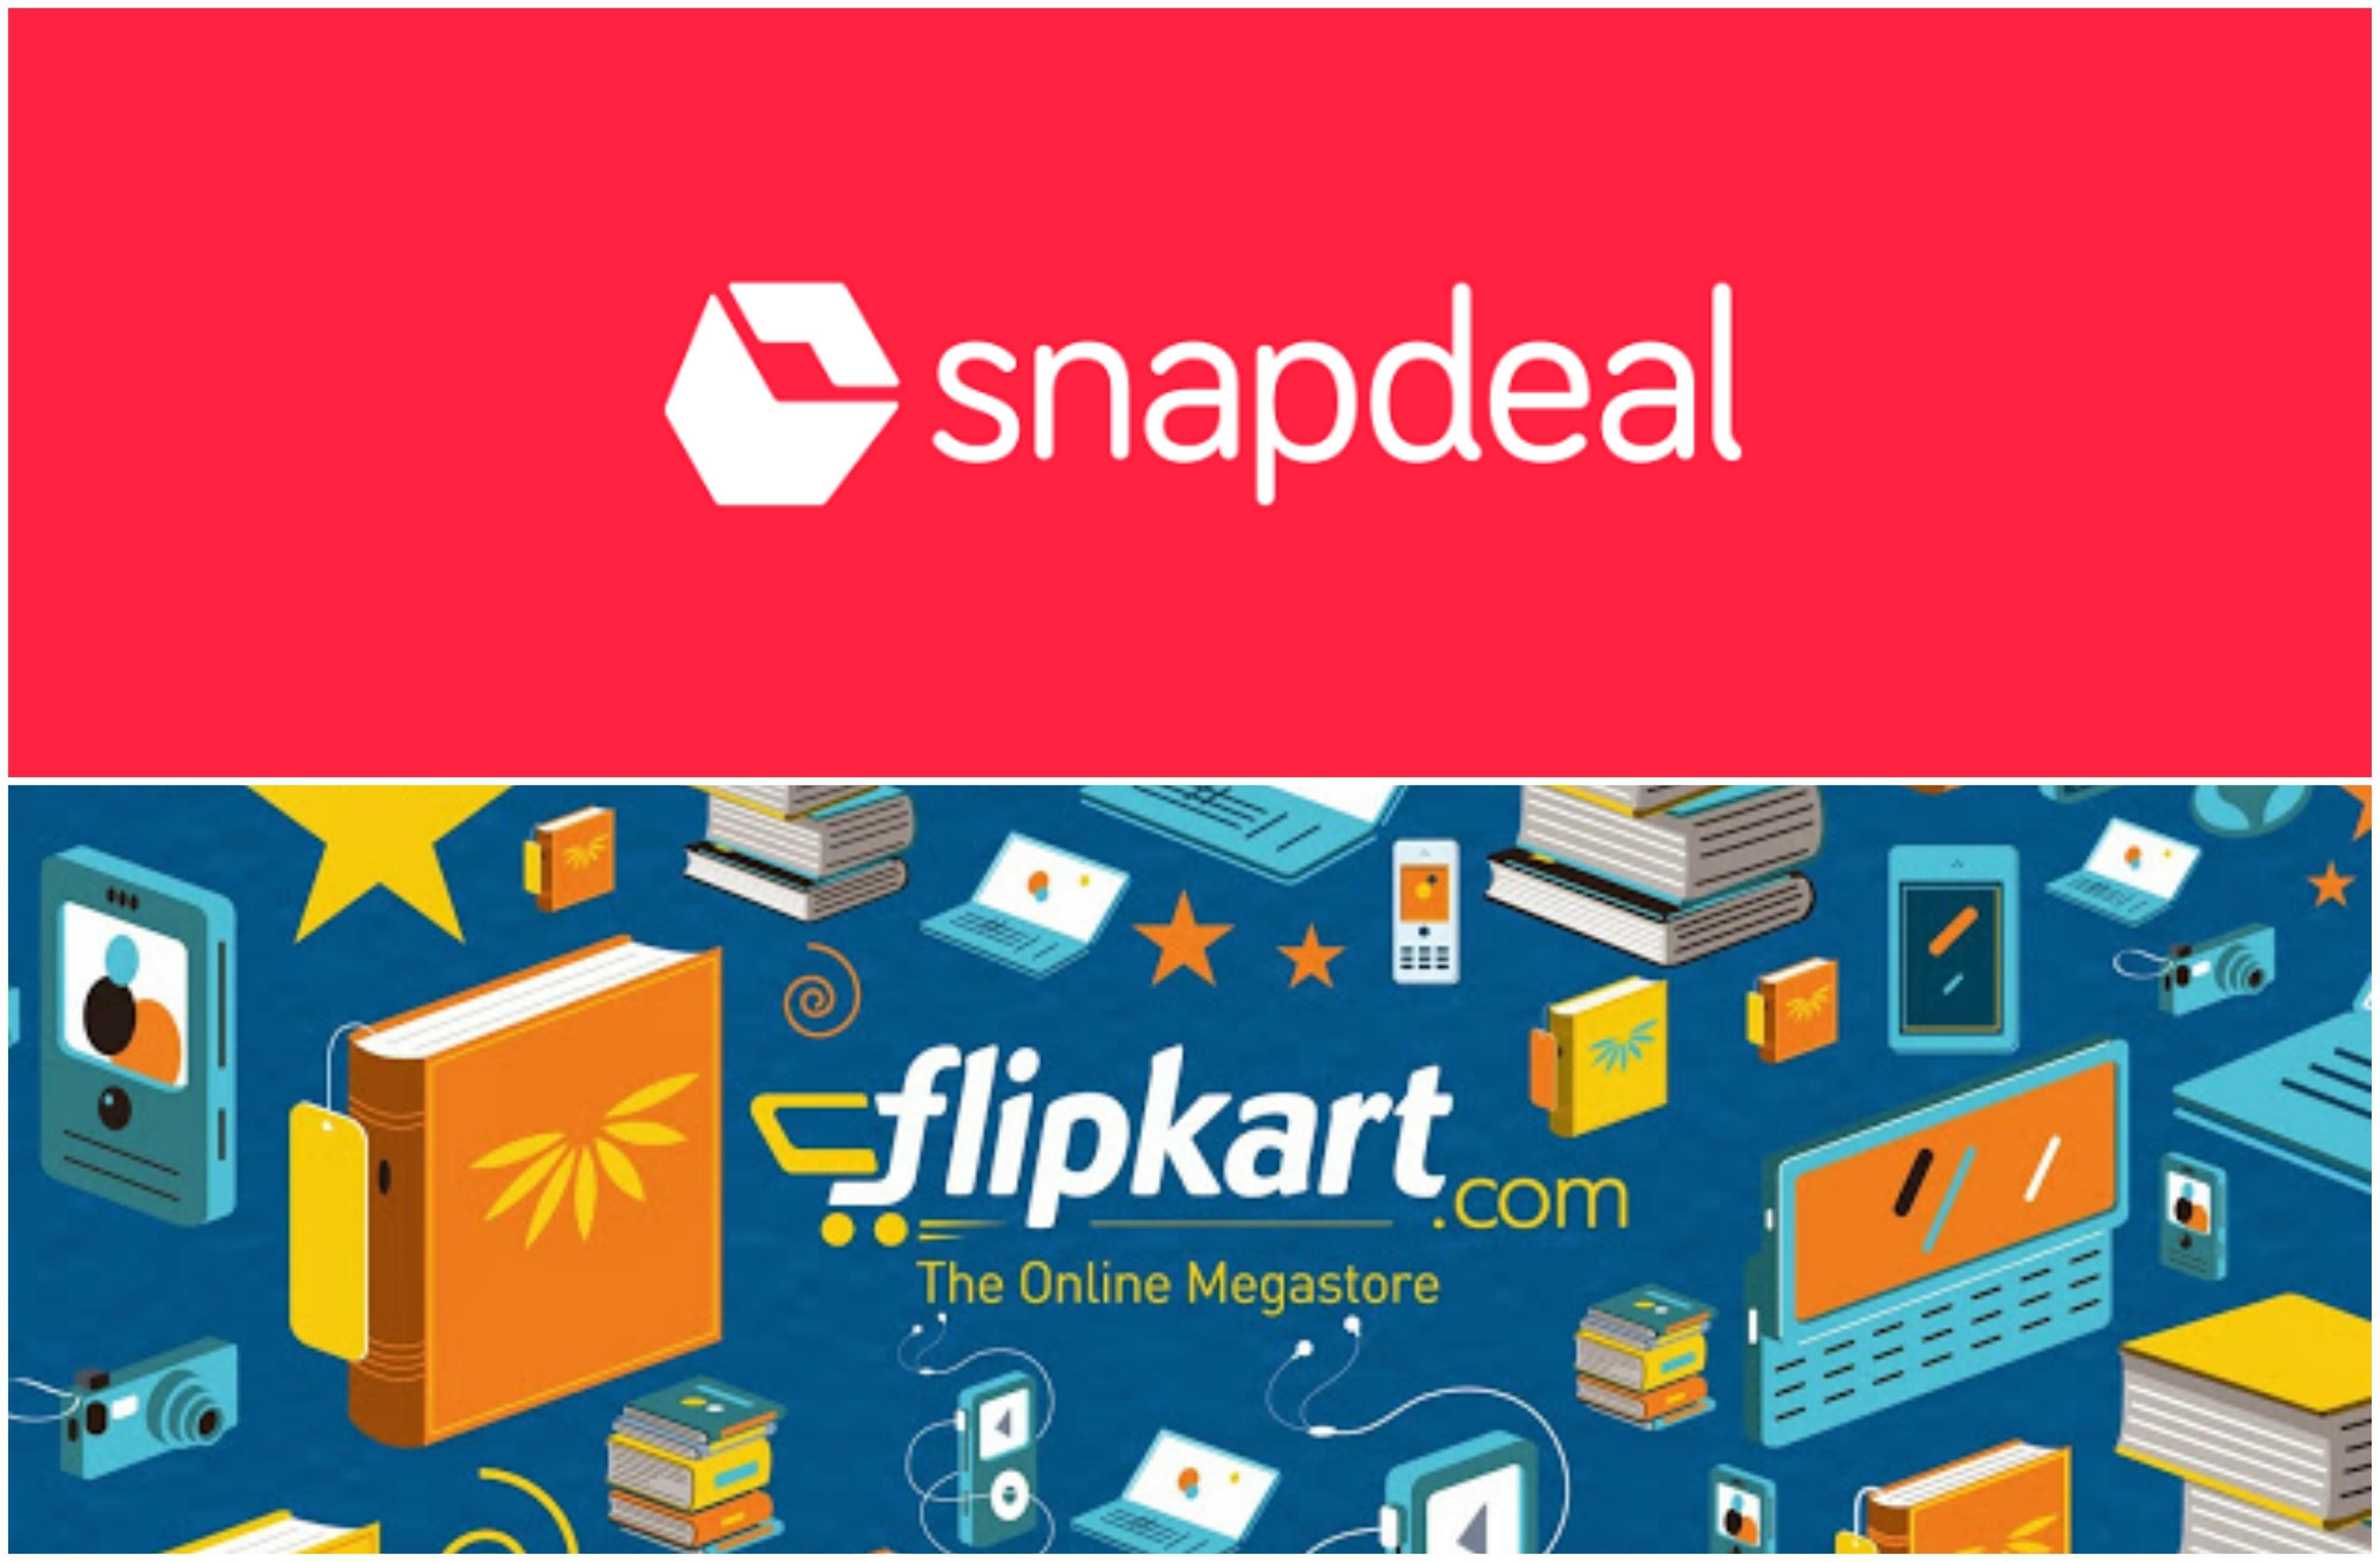 snapdeal flipkart